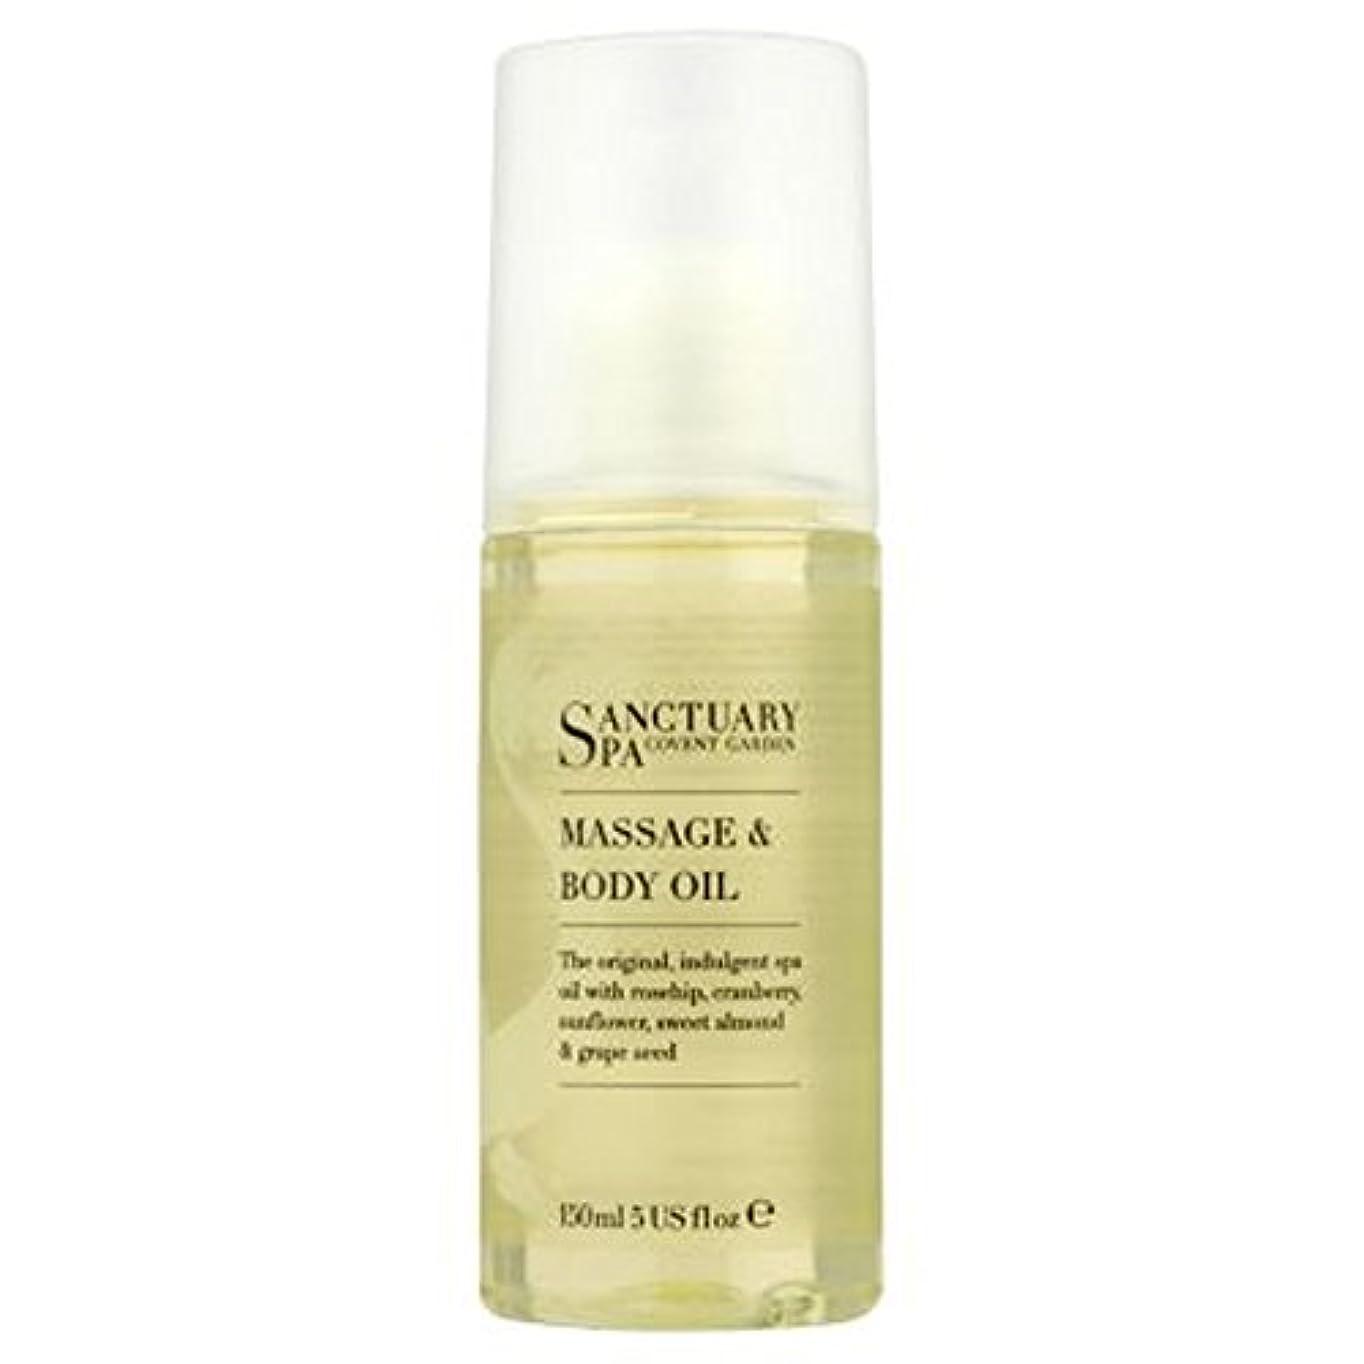 おめでとうヒューマニスティック解明する聖域毎日のスパエスケープマッサージやボディオイル - 150ミリリットル (Sanctuary) (x2) - Sanctuary Daily Spa Escape Massage and Body Oil - 150ml (Pack of 2) [並行輸入品]